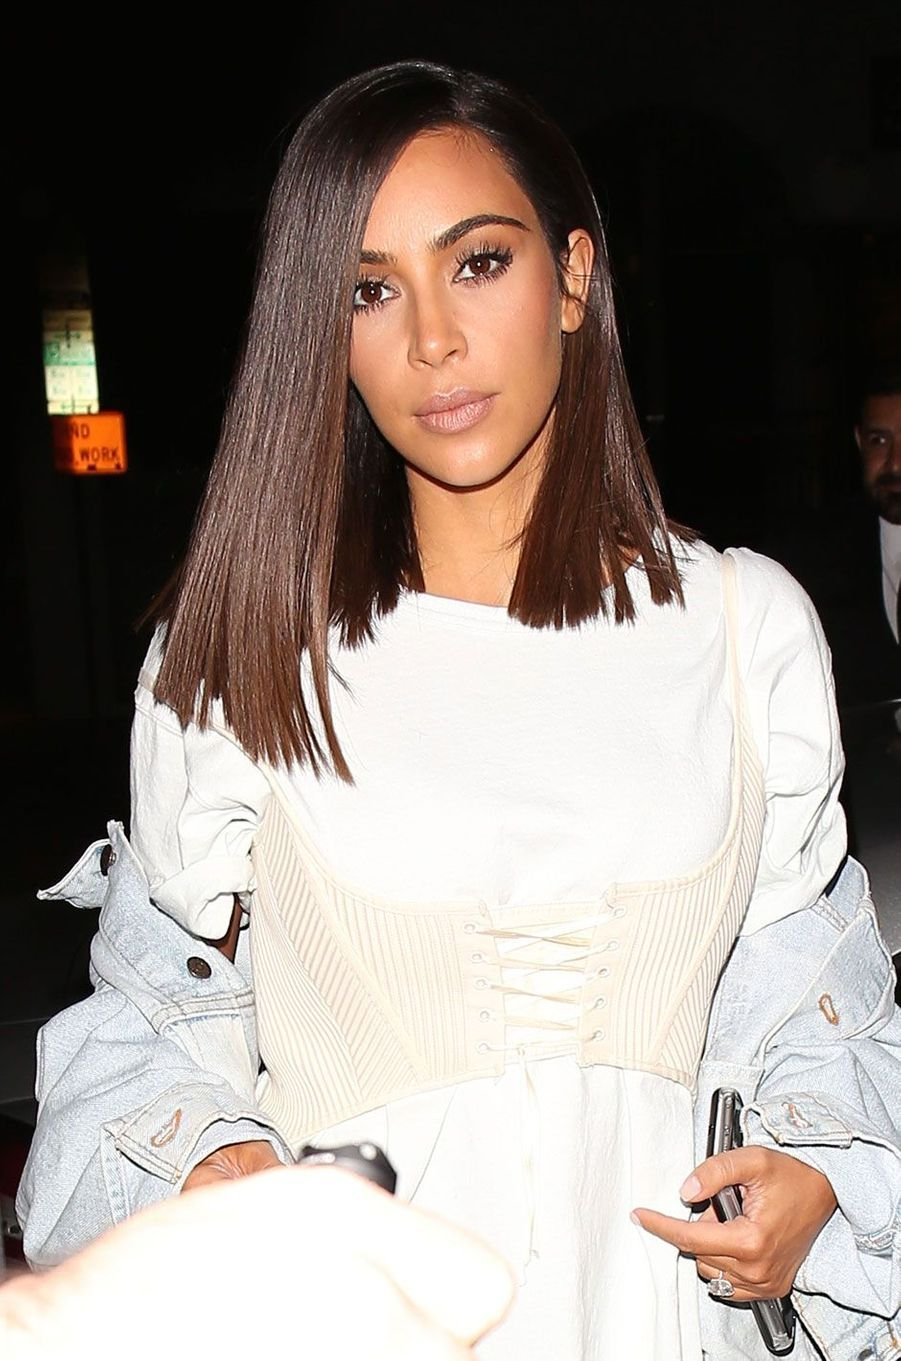 Réunion du clan Kardashian-Jenner pour l'anniversaire de Kylie